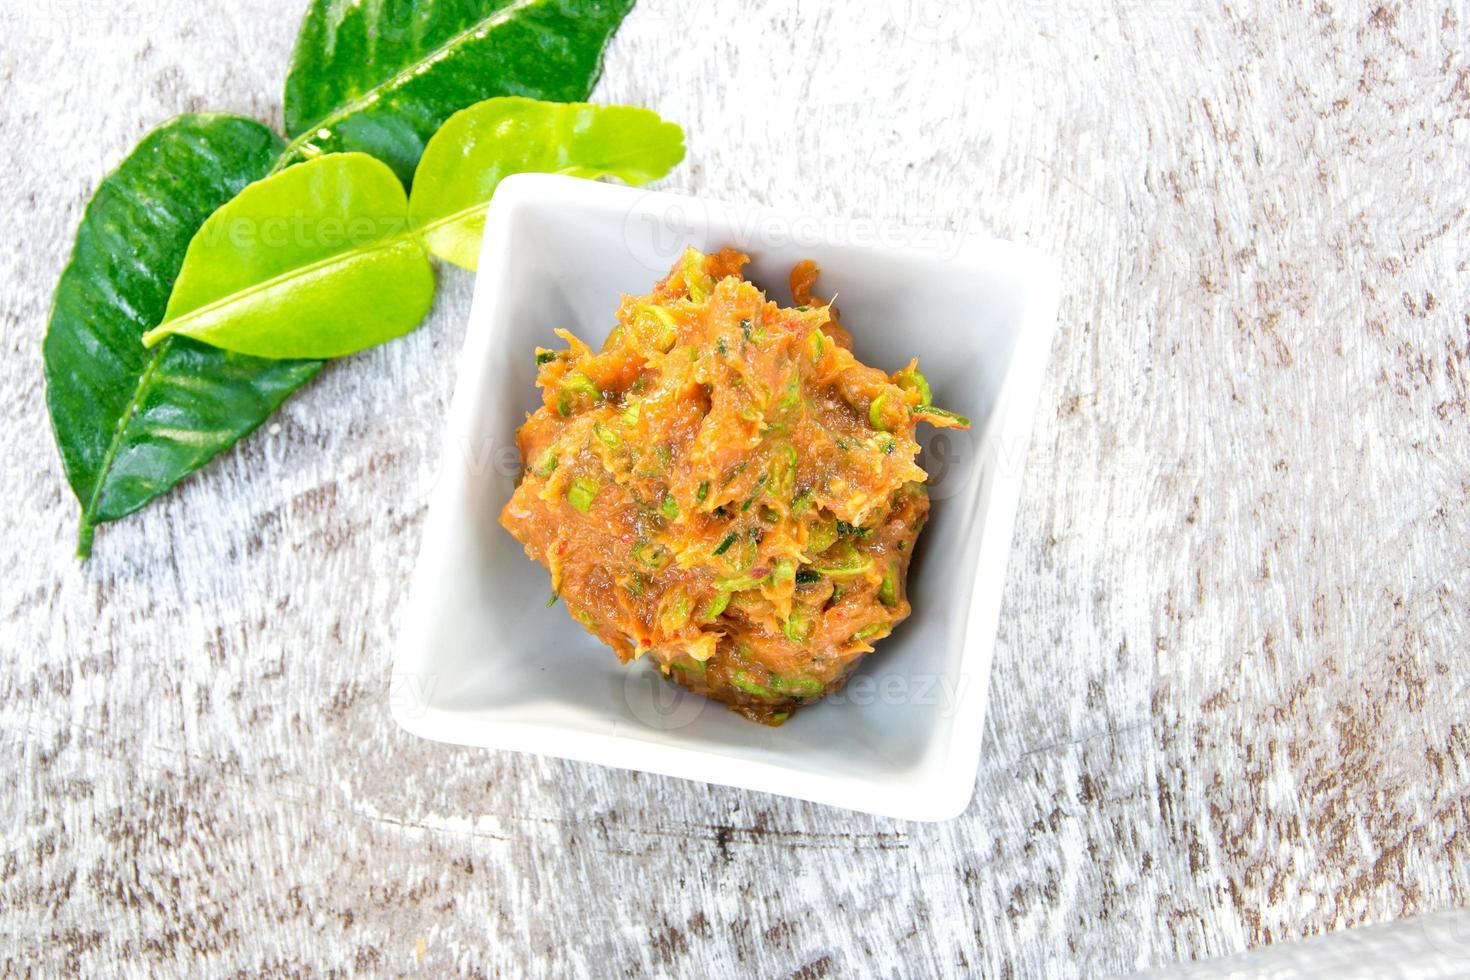 cuisine thaïlandaise, gâteau de poisson avec sauces photo